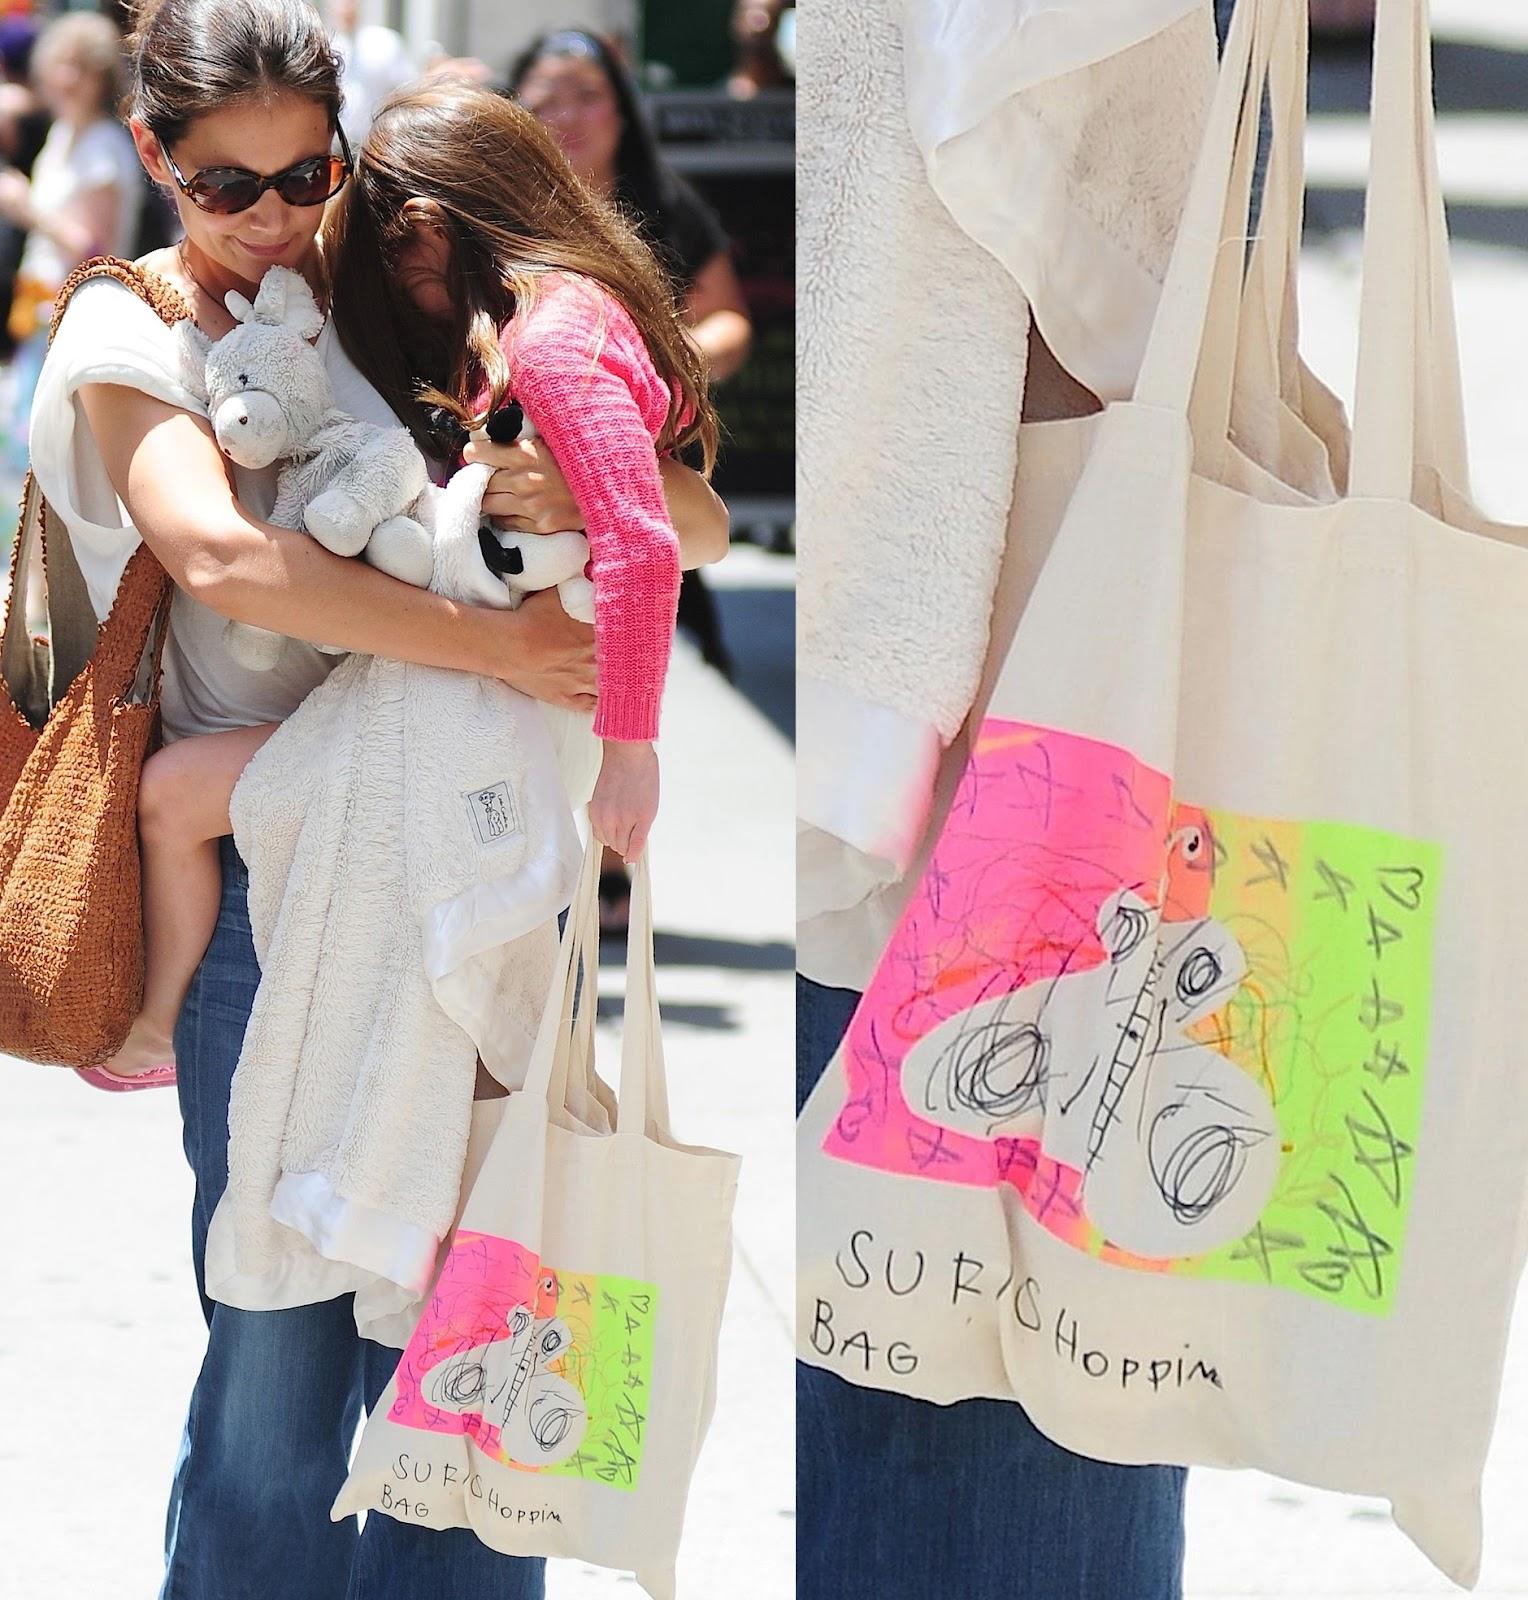 http://2.bp.blogspot.com/-Vg_qYErlPLI/UCwm_ZY104I/AAAAAAAAHY4/X7n8omvEago/s1600/suri-cruise-eco-shopping-bag.jpg